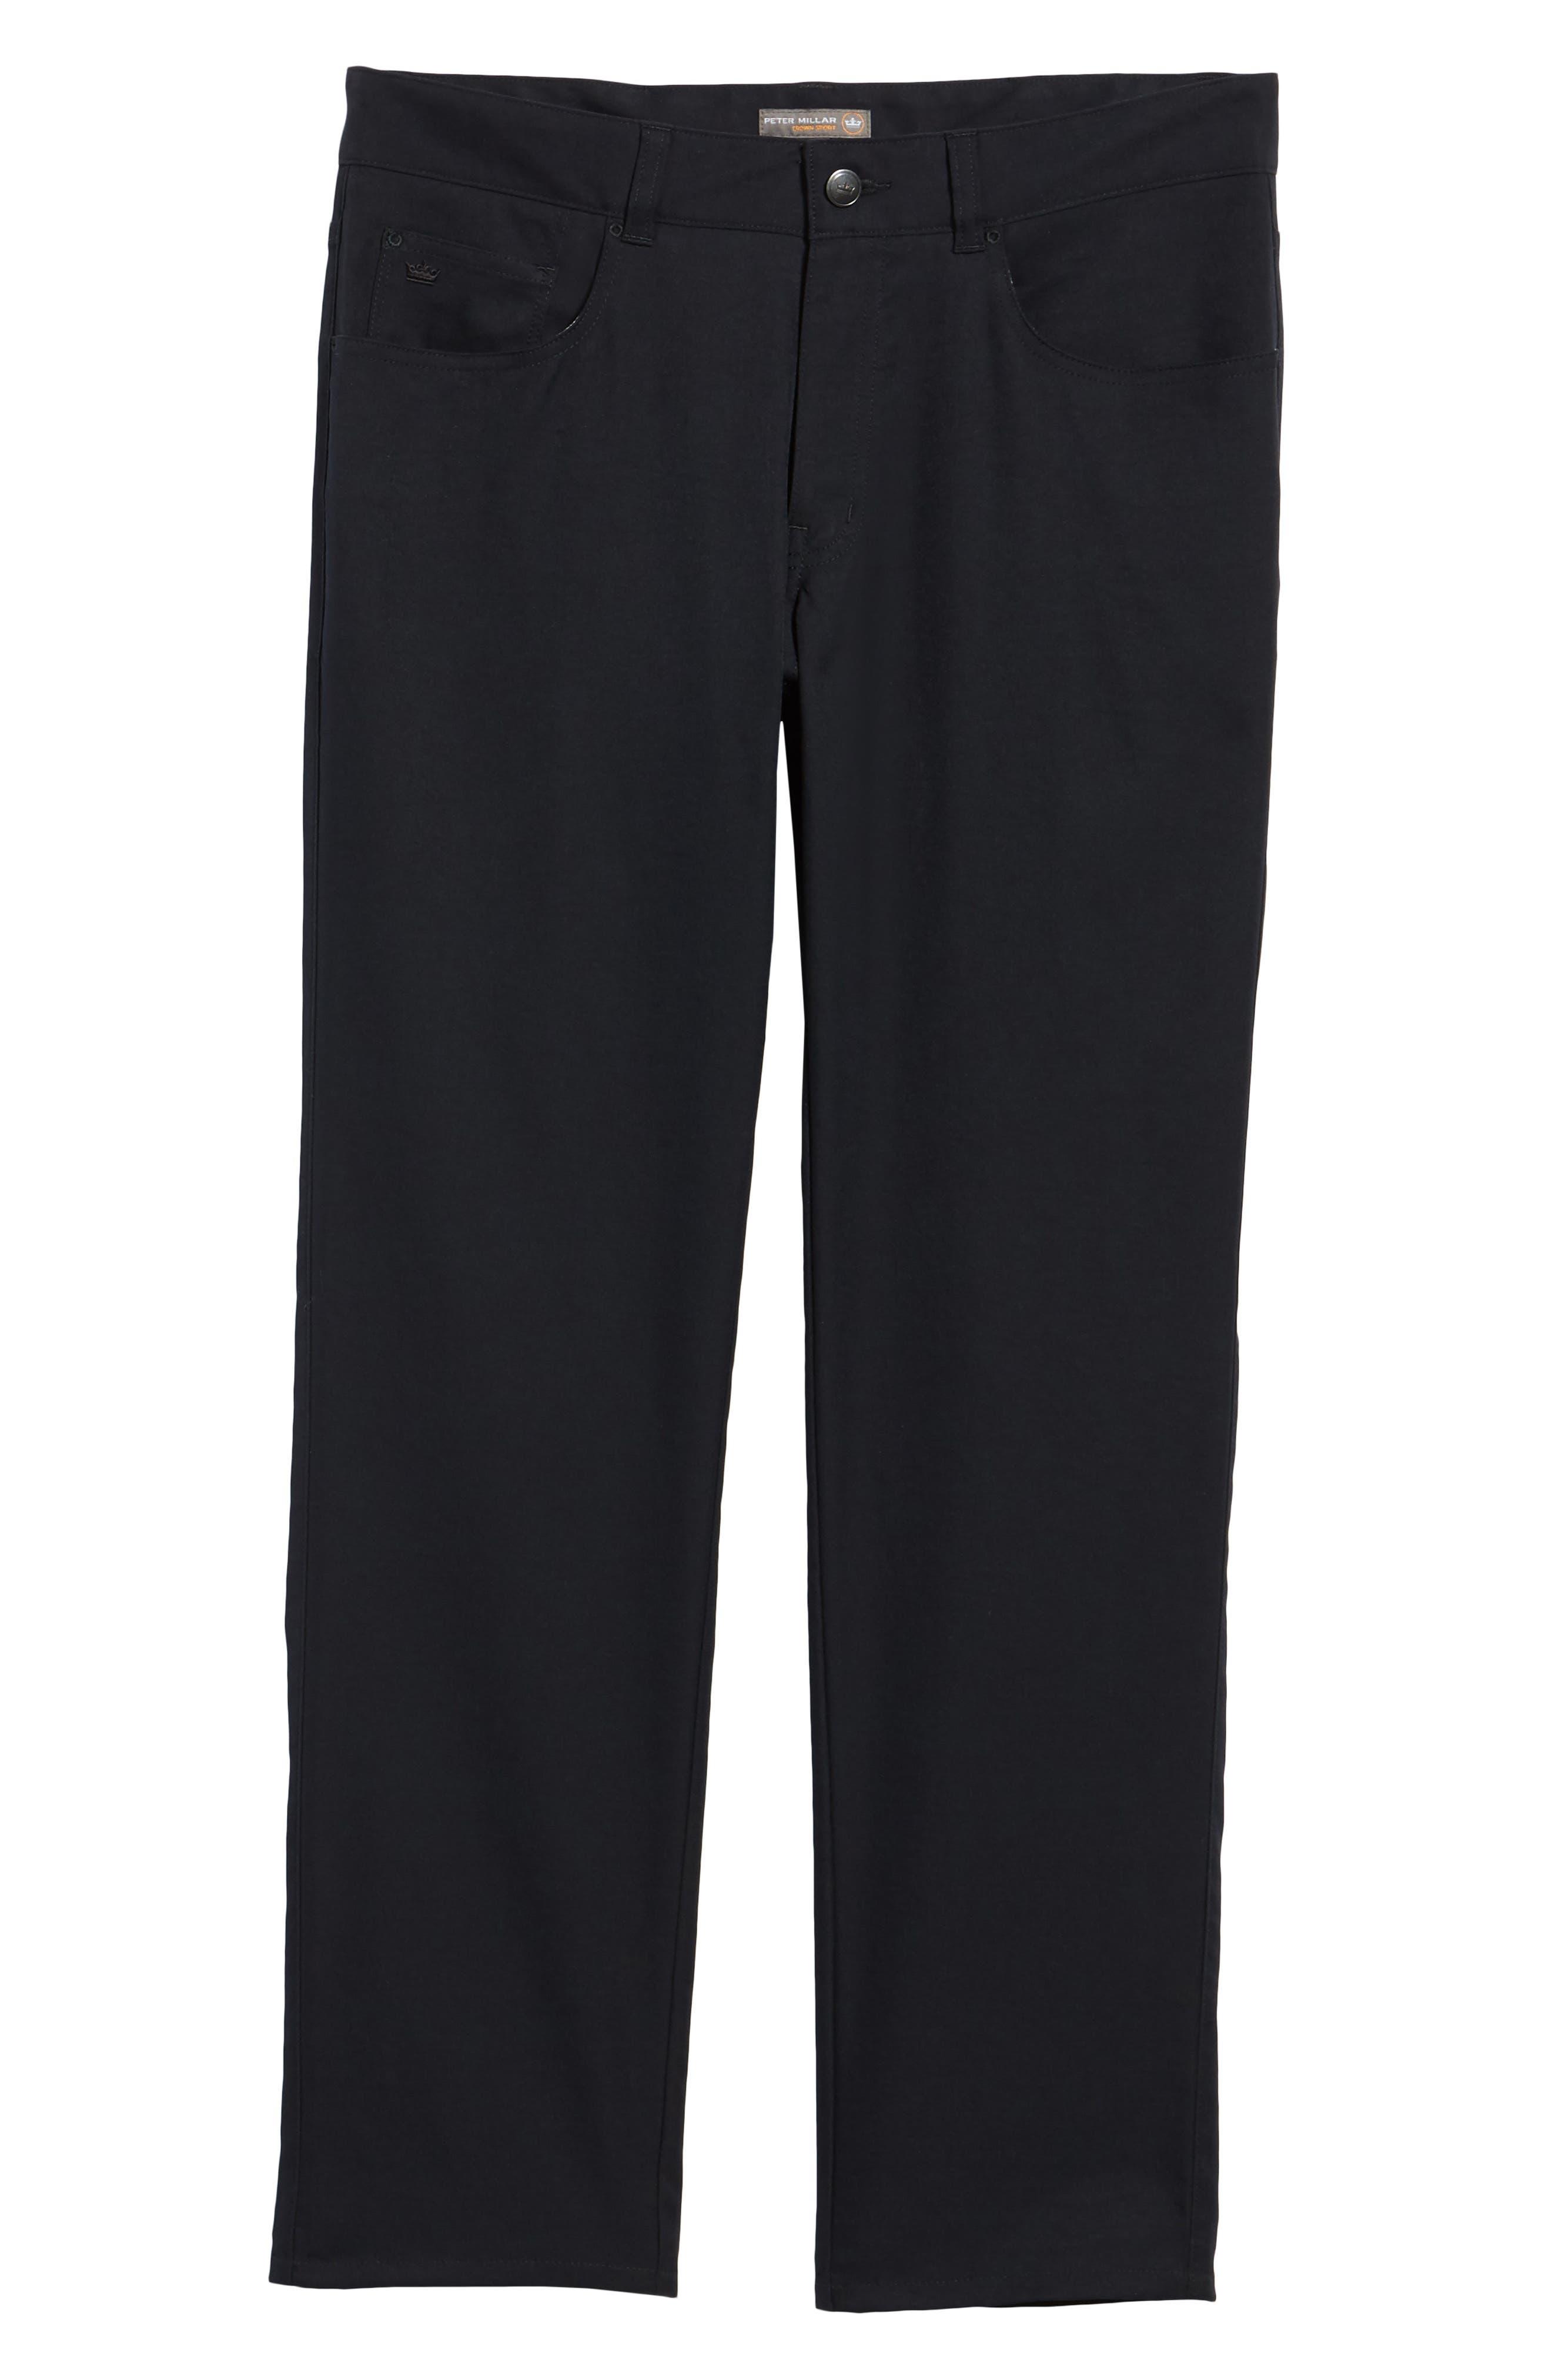 EB66 Performance Six-Pocket Pants,                             Alternate thumbnail 6, color,                             Black